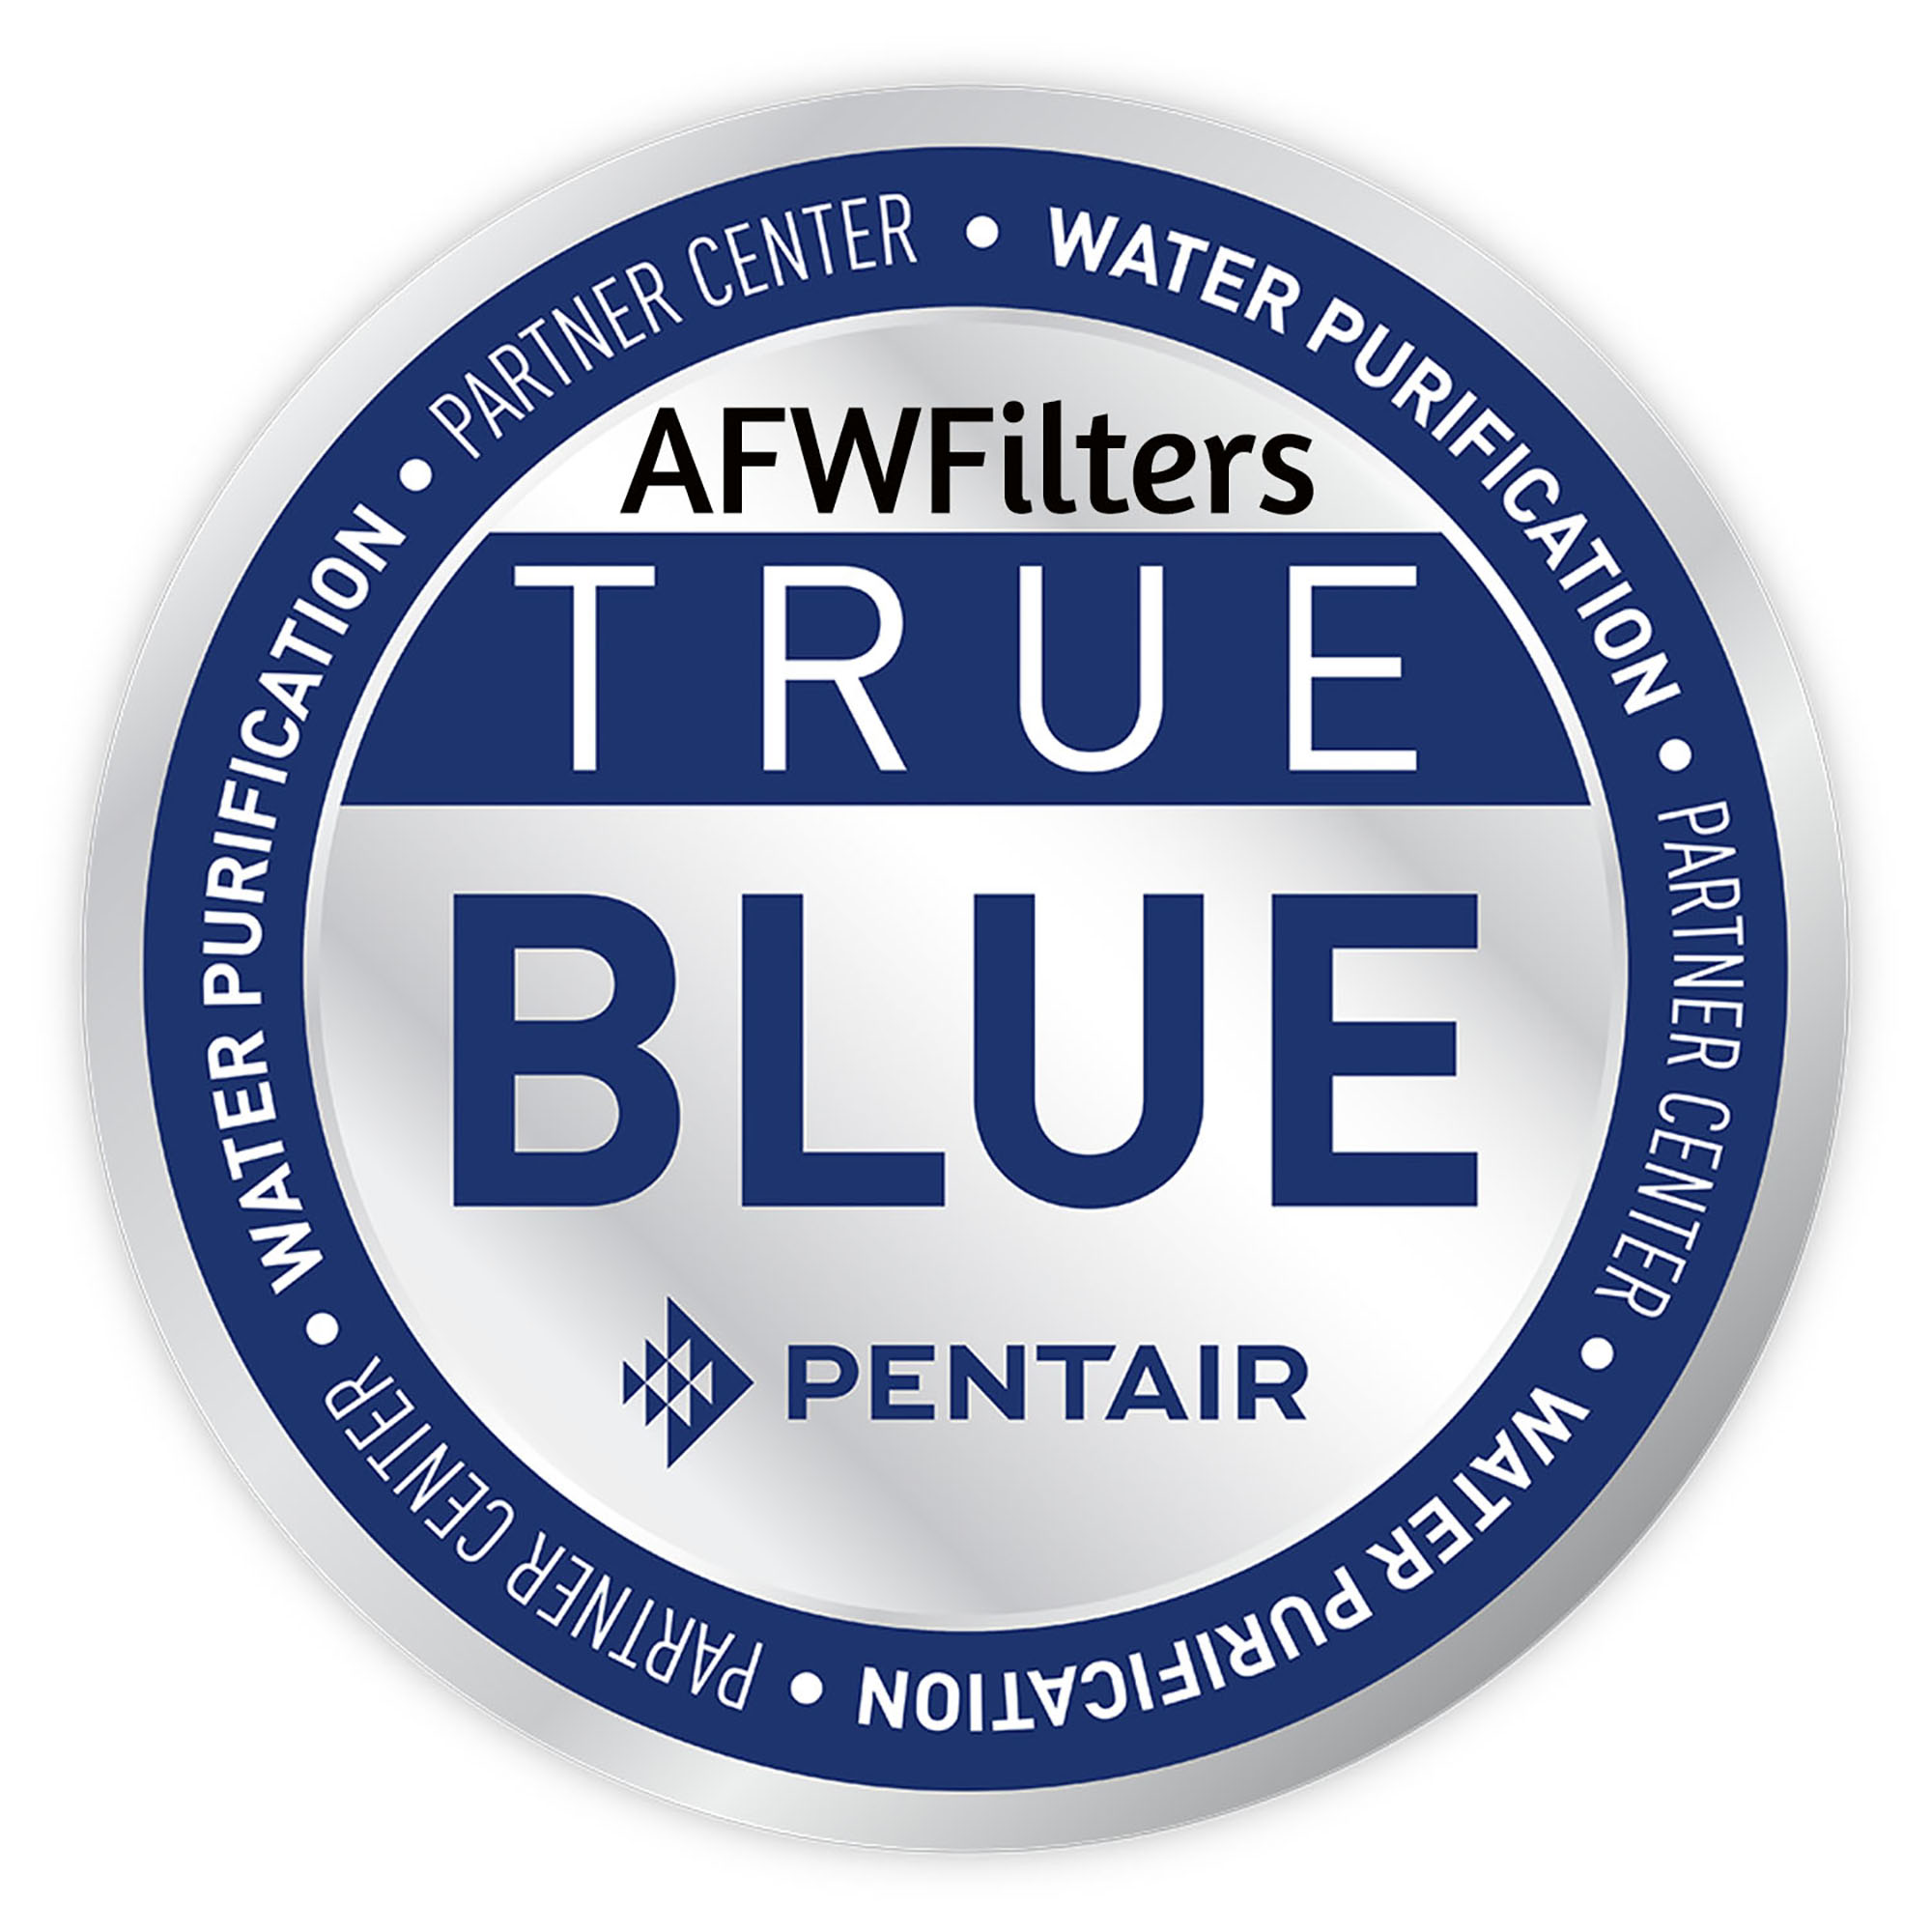 Pentair True Blue Dealer